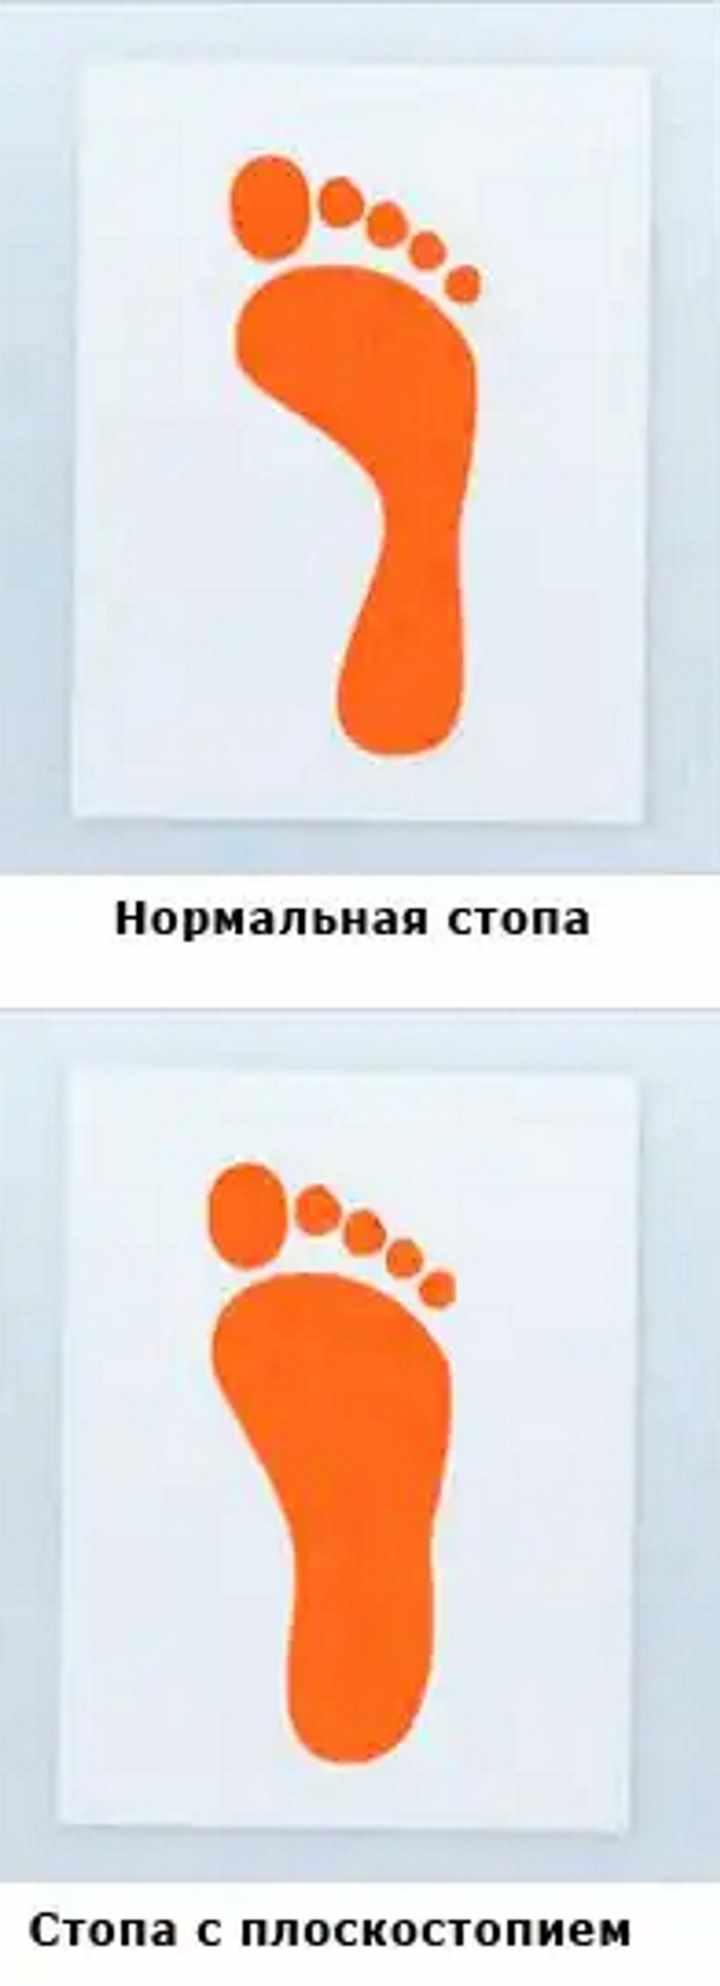 Тест краской на проверку плоскостопия